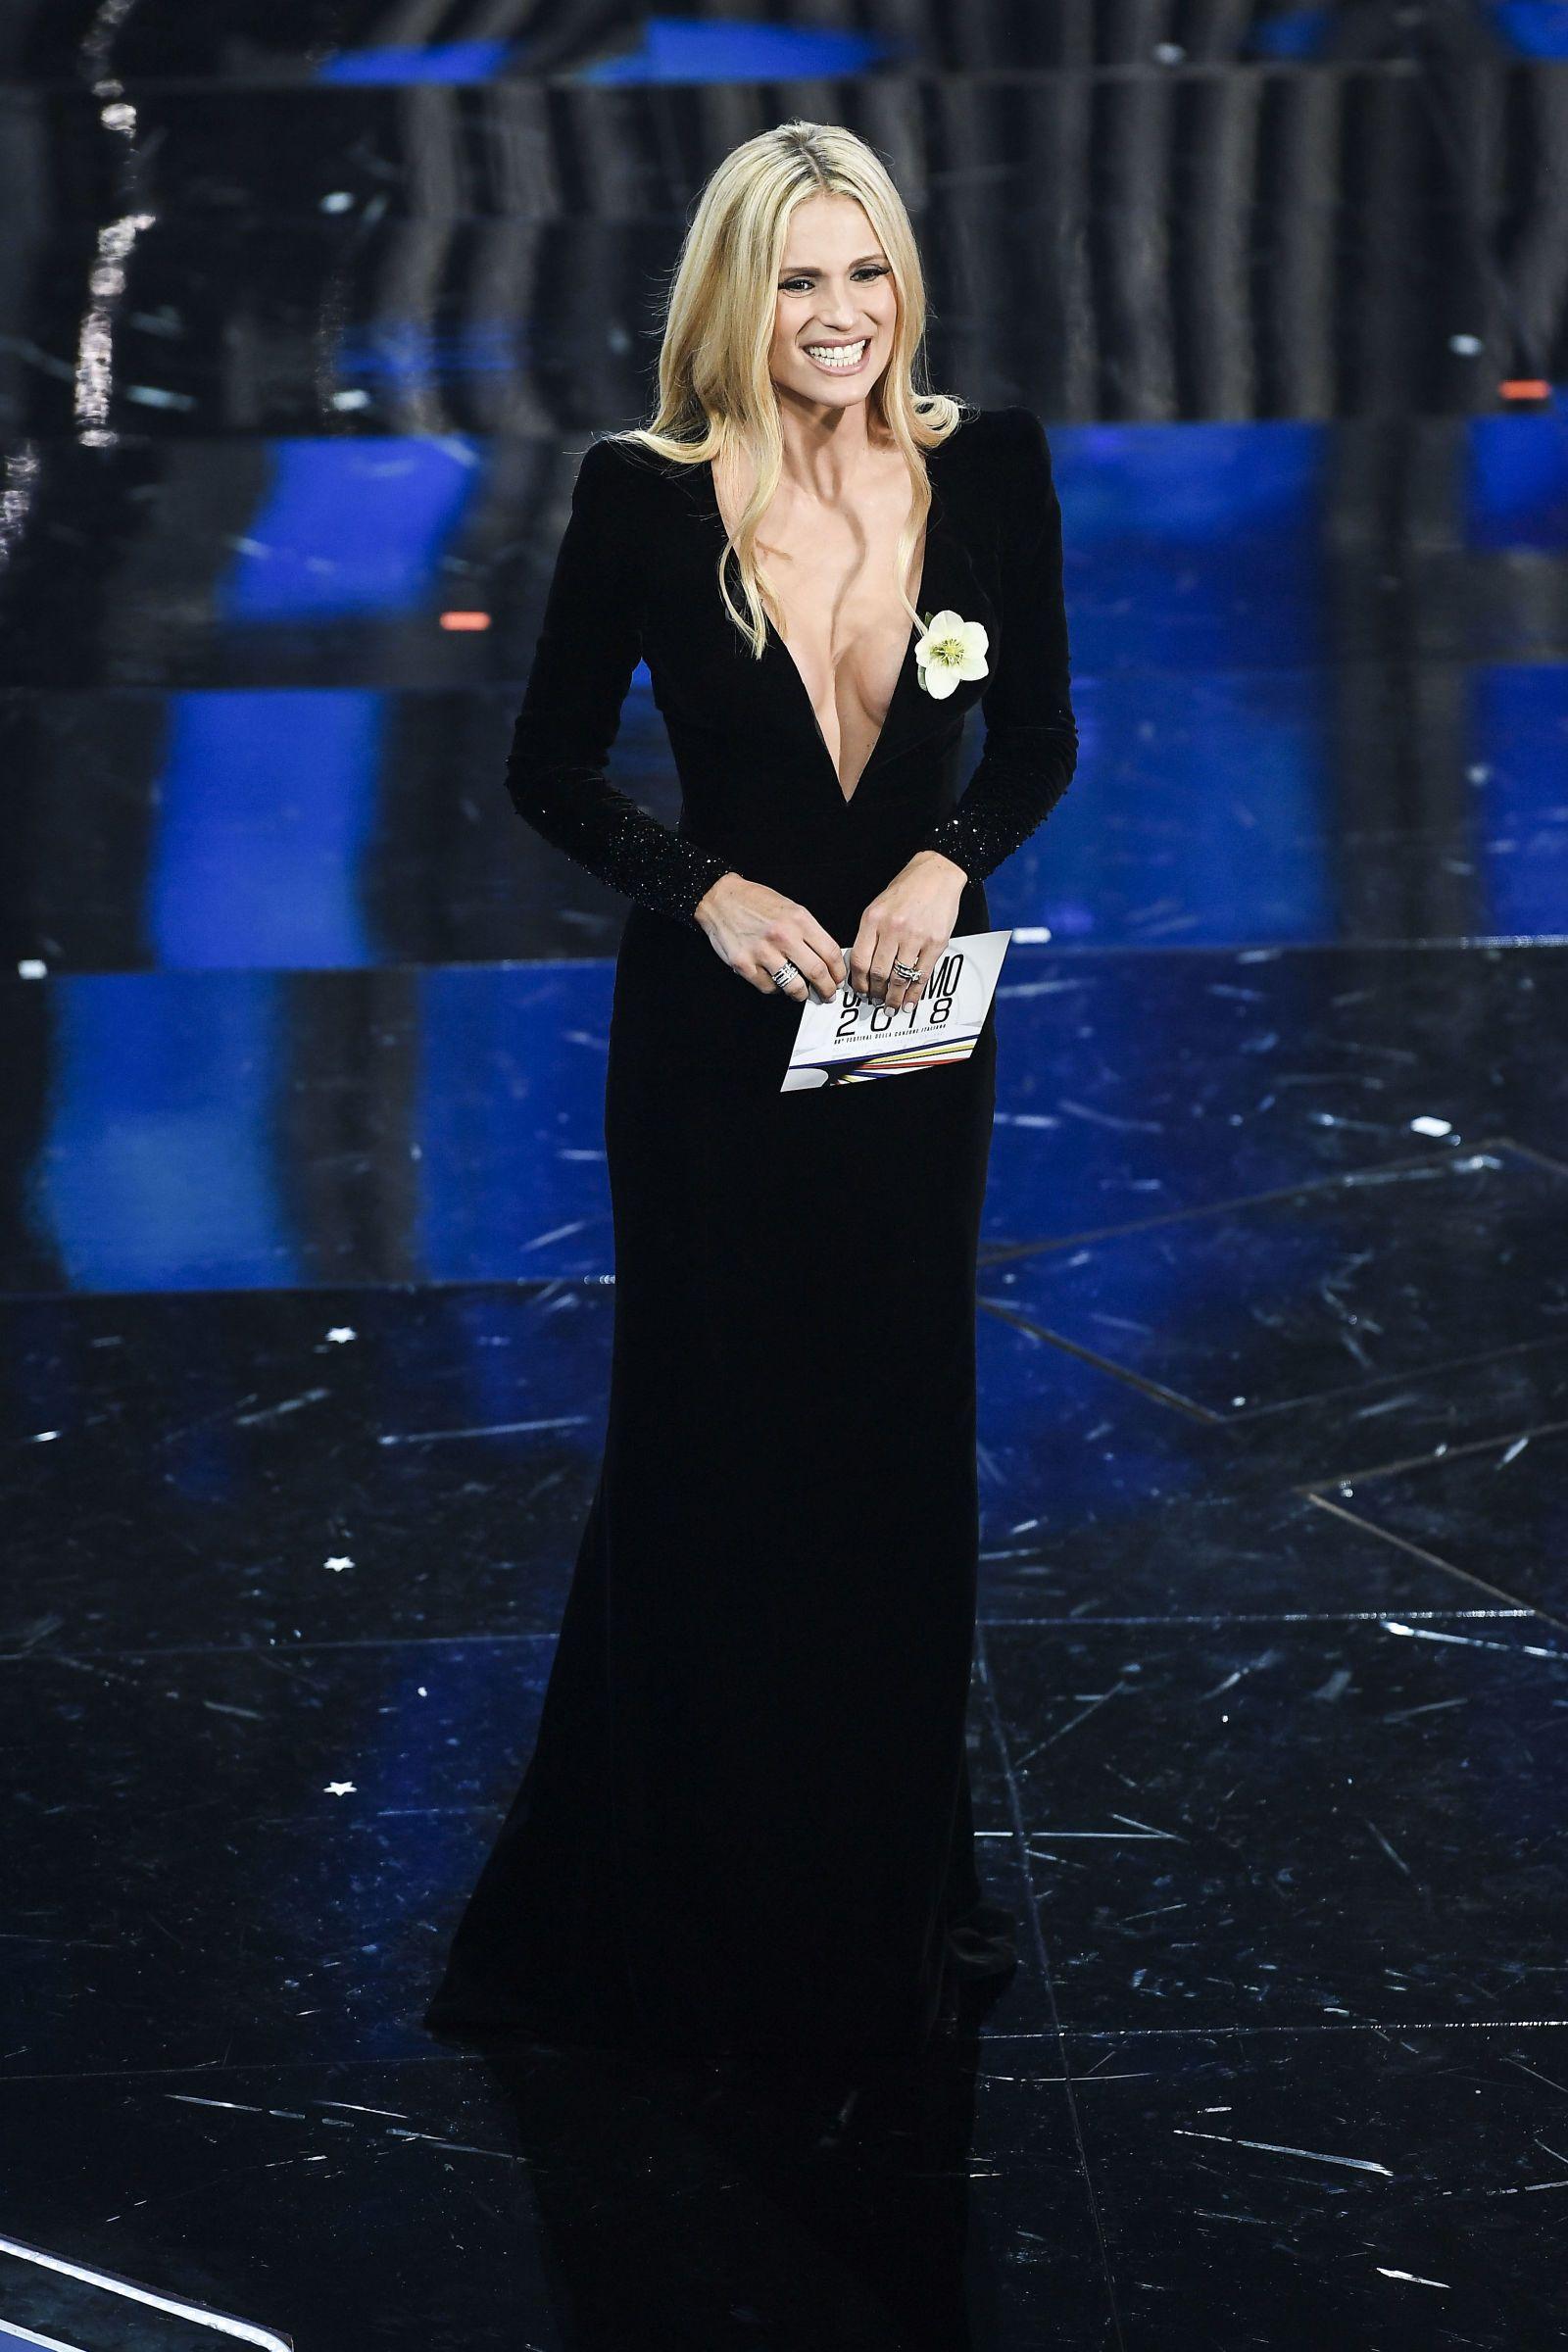 7d78474b22f66 Michelle Hunziker con il suo look a Sanremo 2018 ci insegna come essere  alla moda ed elegantissime con i vestiti scollati nel 2018